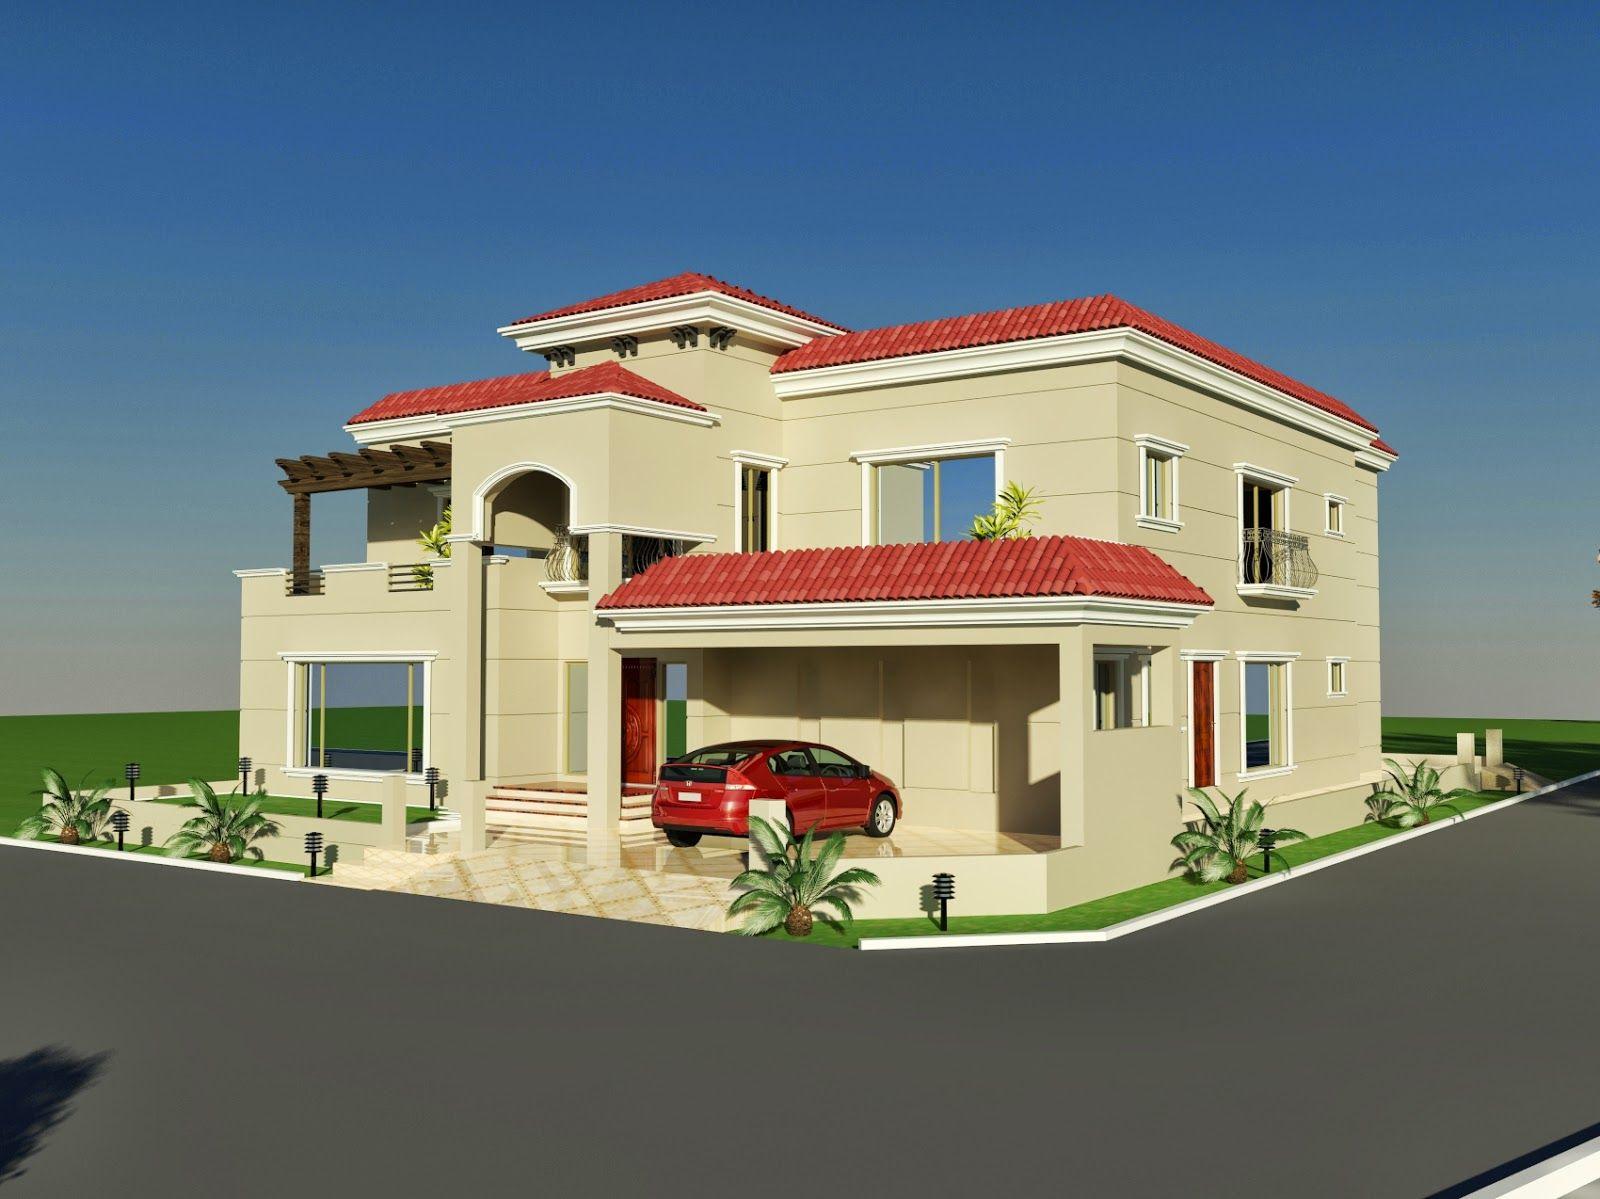 Haus Designs 3D - greenwashing.us - Home Design Ideen und Bilder